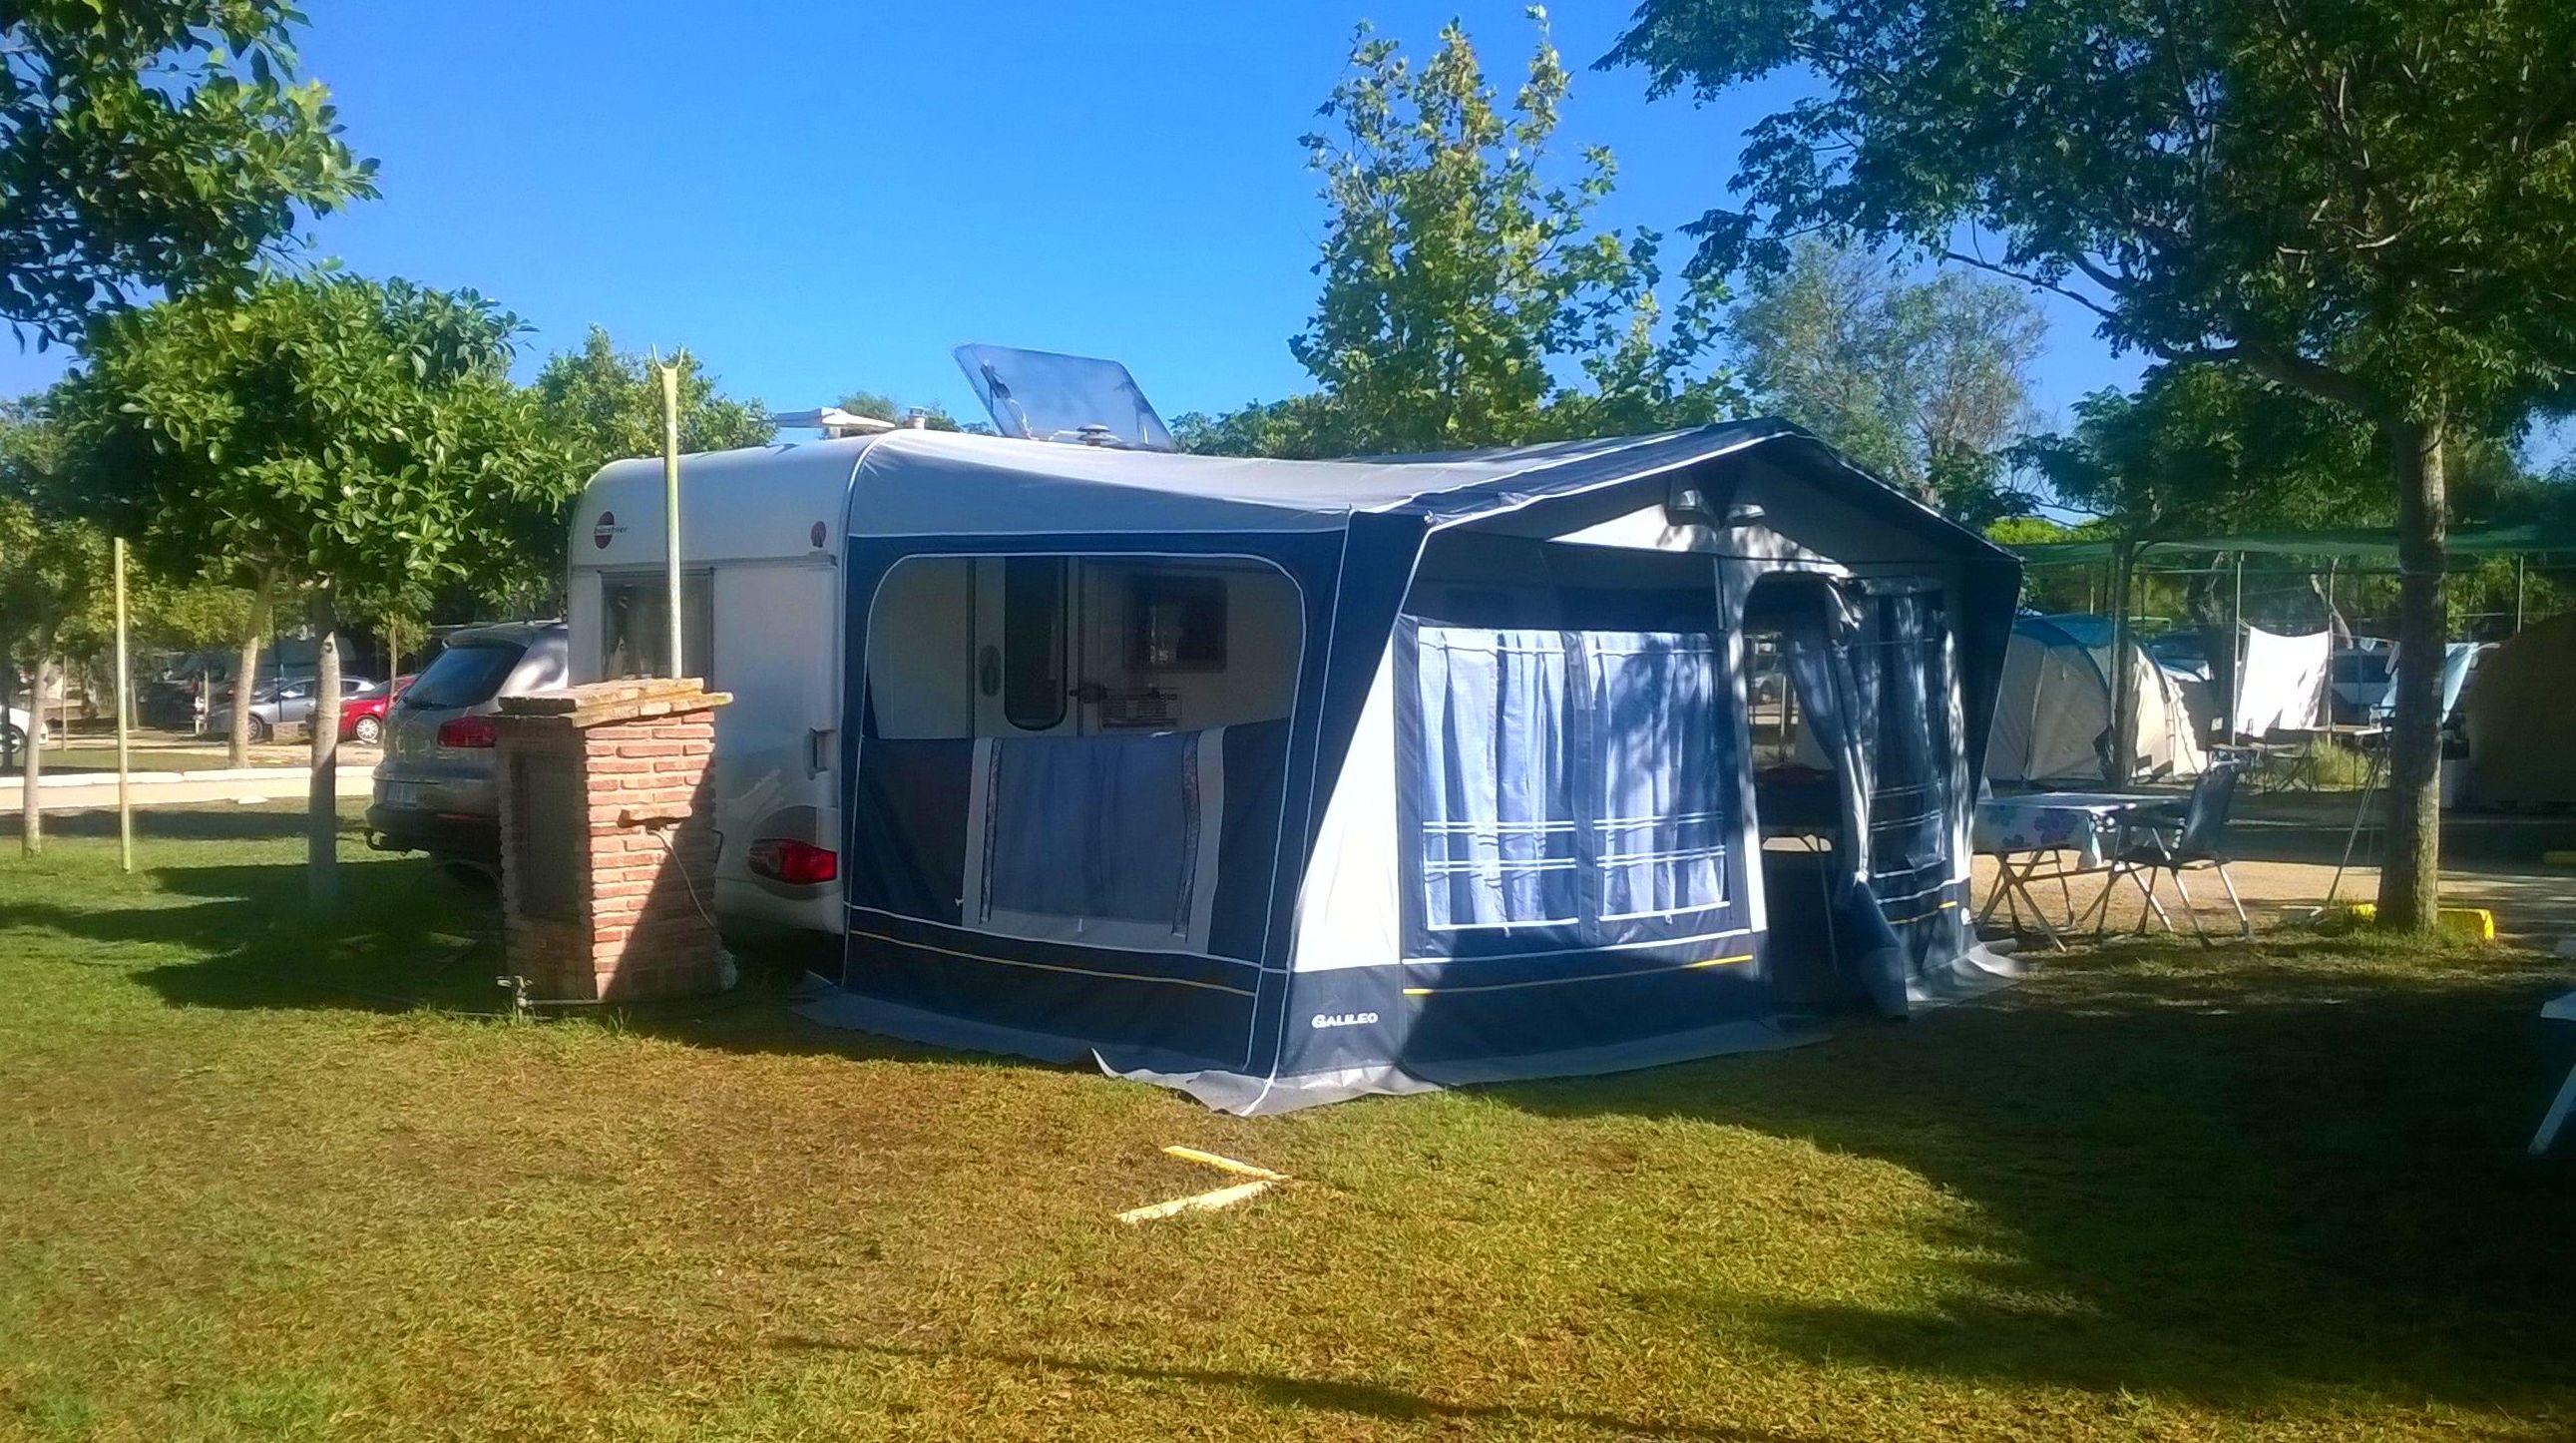 Parcela 45 m2 Camping Faro Trafalgar